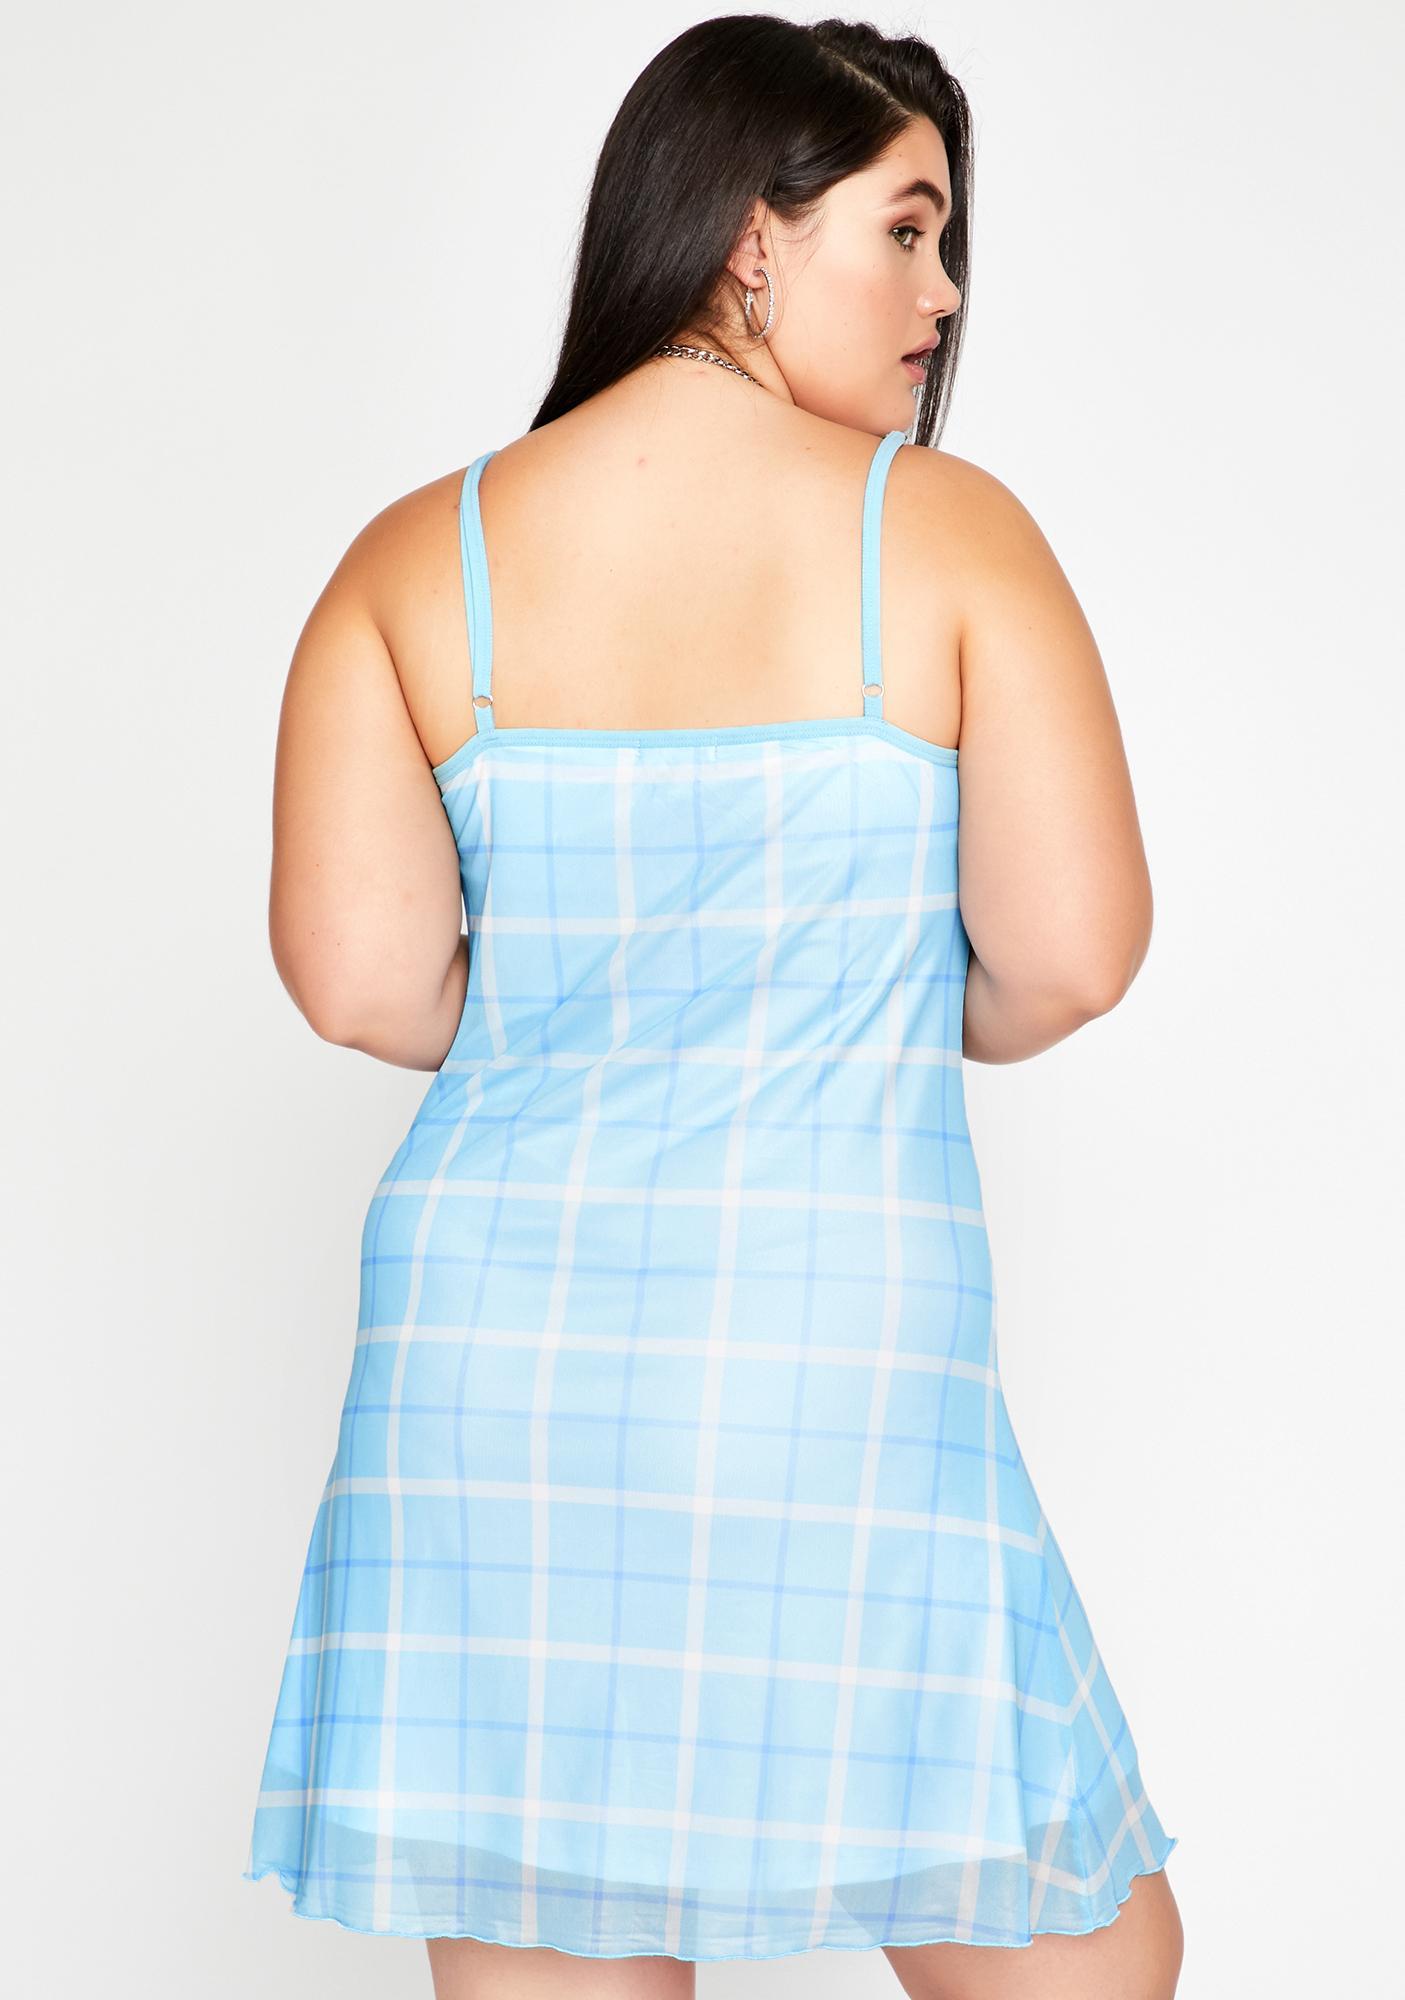 Sugar Thrillz Lil Miss Popular Plaid Dress